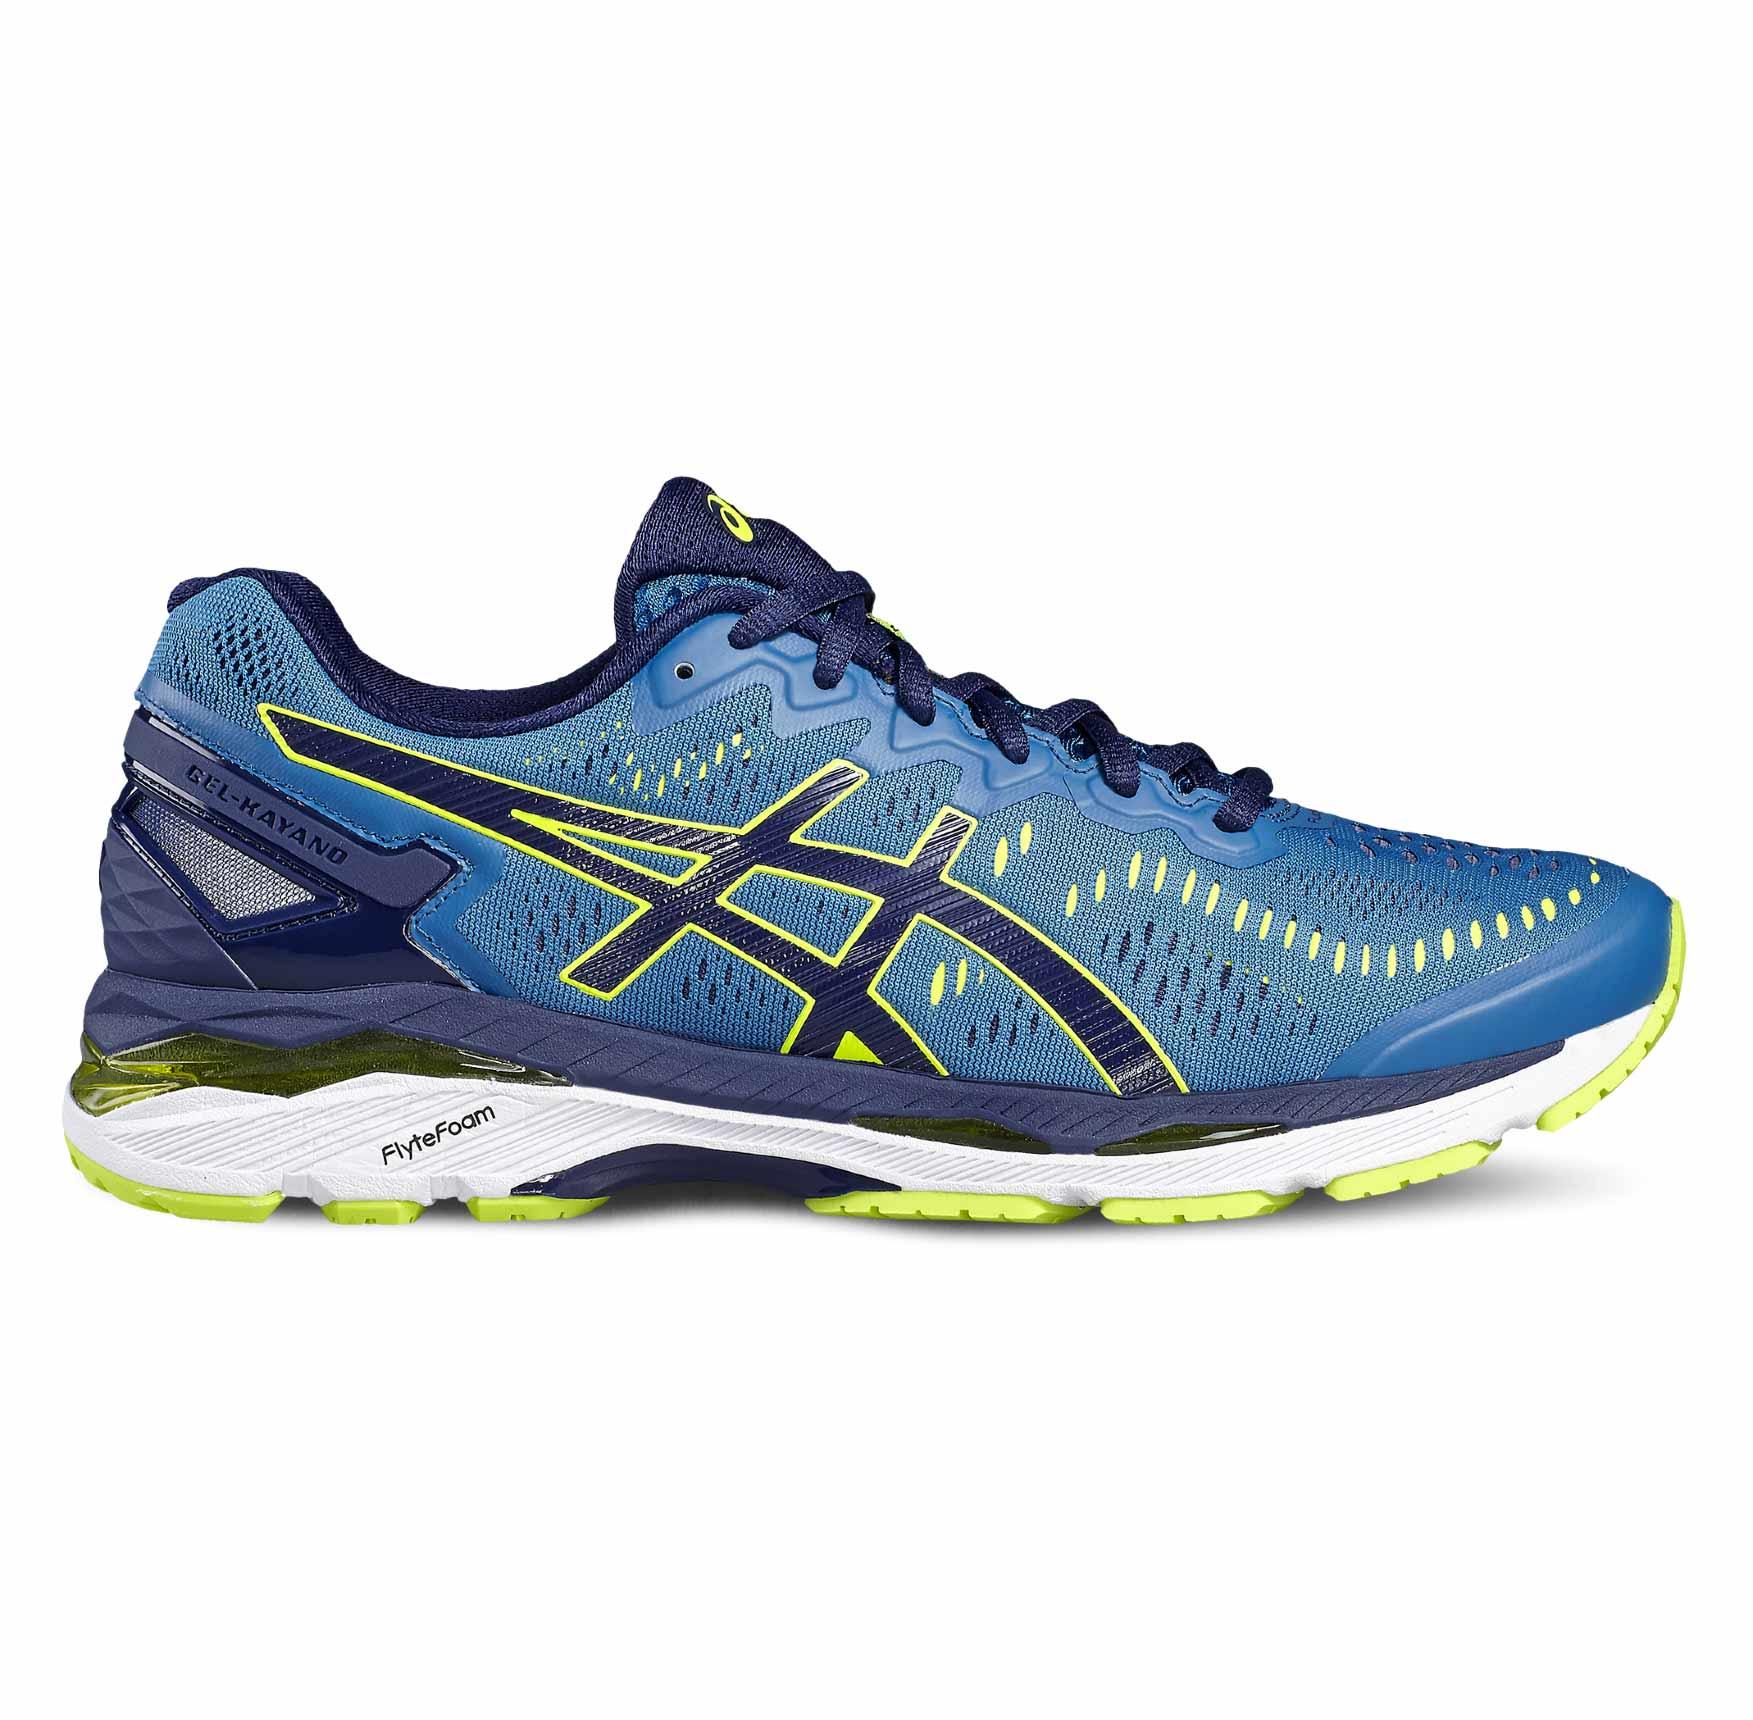 נעלי ריצה לגברים - דגם Asics Gel Kayano 23